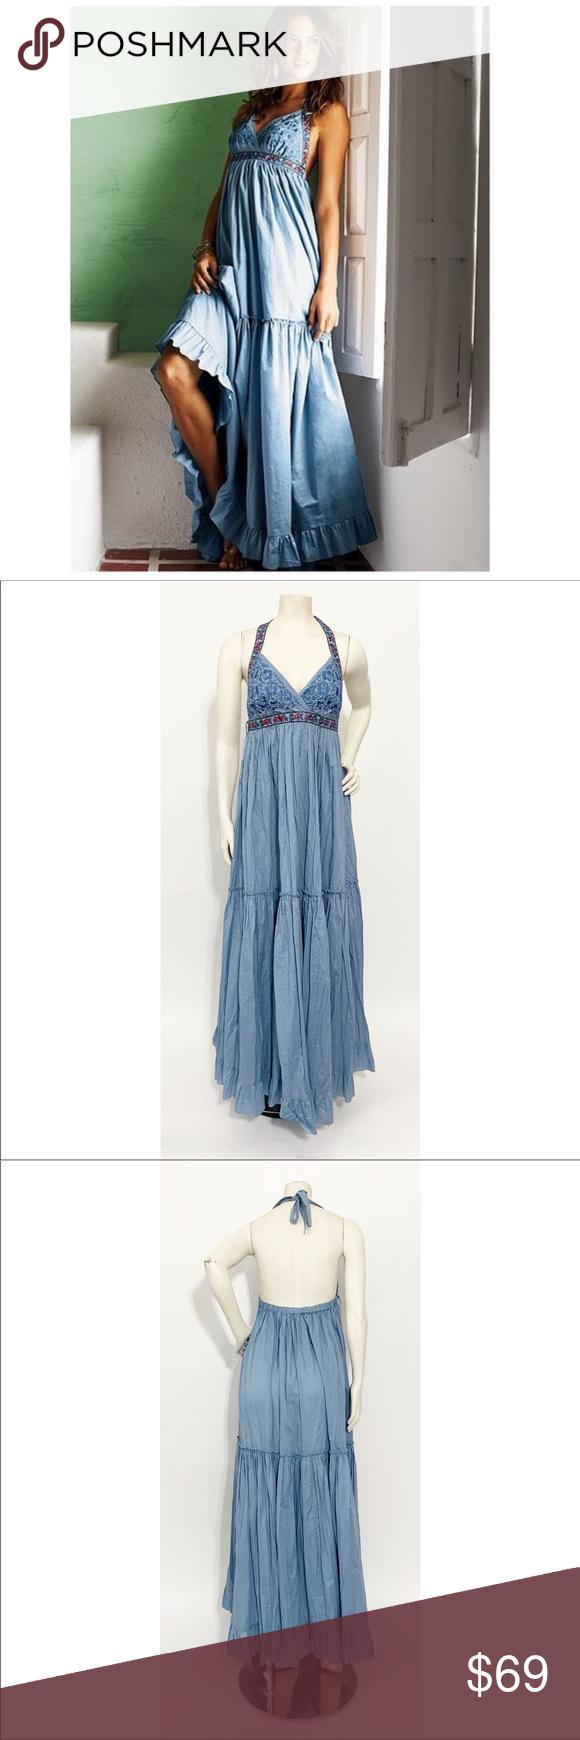 Moda International Victoria S Secret Maxi Dress Maxi Dress Dresses Clothes Design [ 1740 x 580 Pixel ]